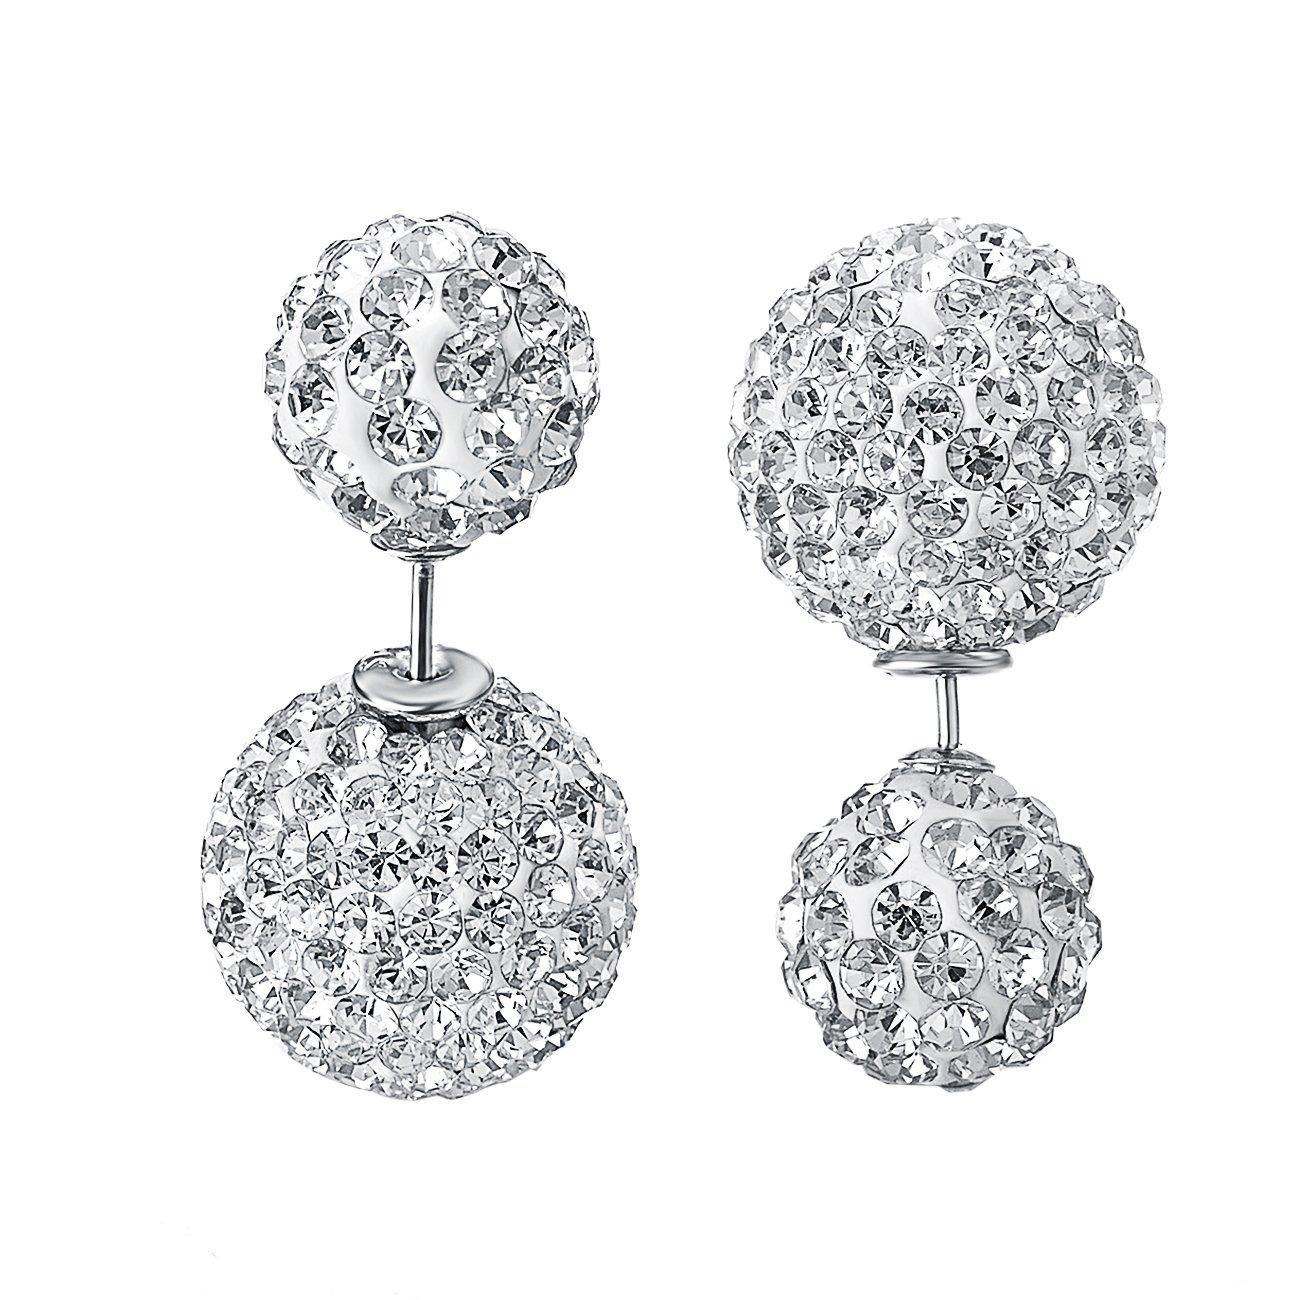 VOGEM Double Ball Earrings 18K White Gold Plated Cubic Zirconia Pierced Stud Earrings For Women TCE1040B12